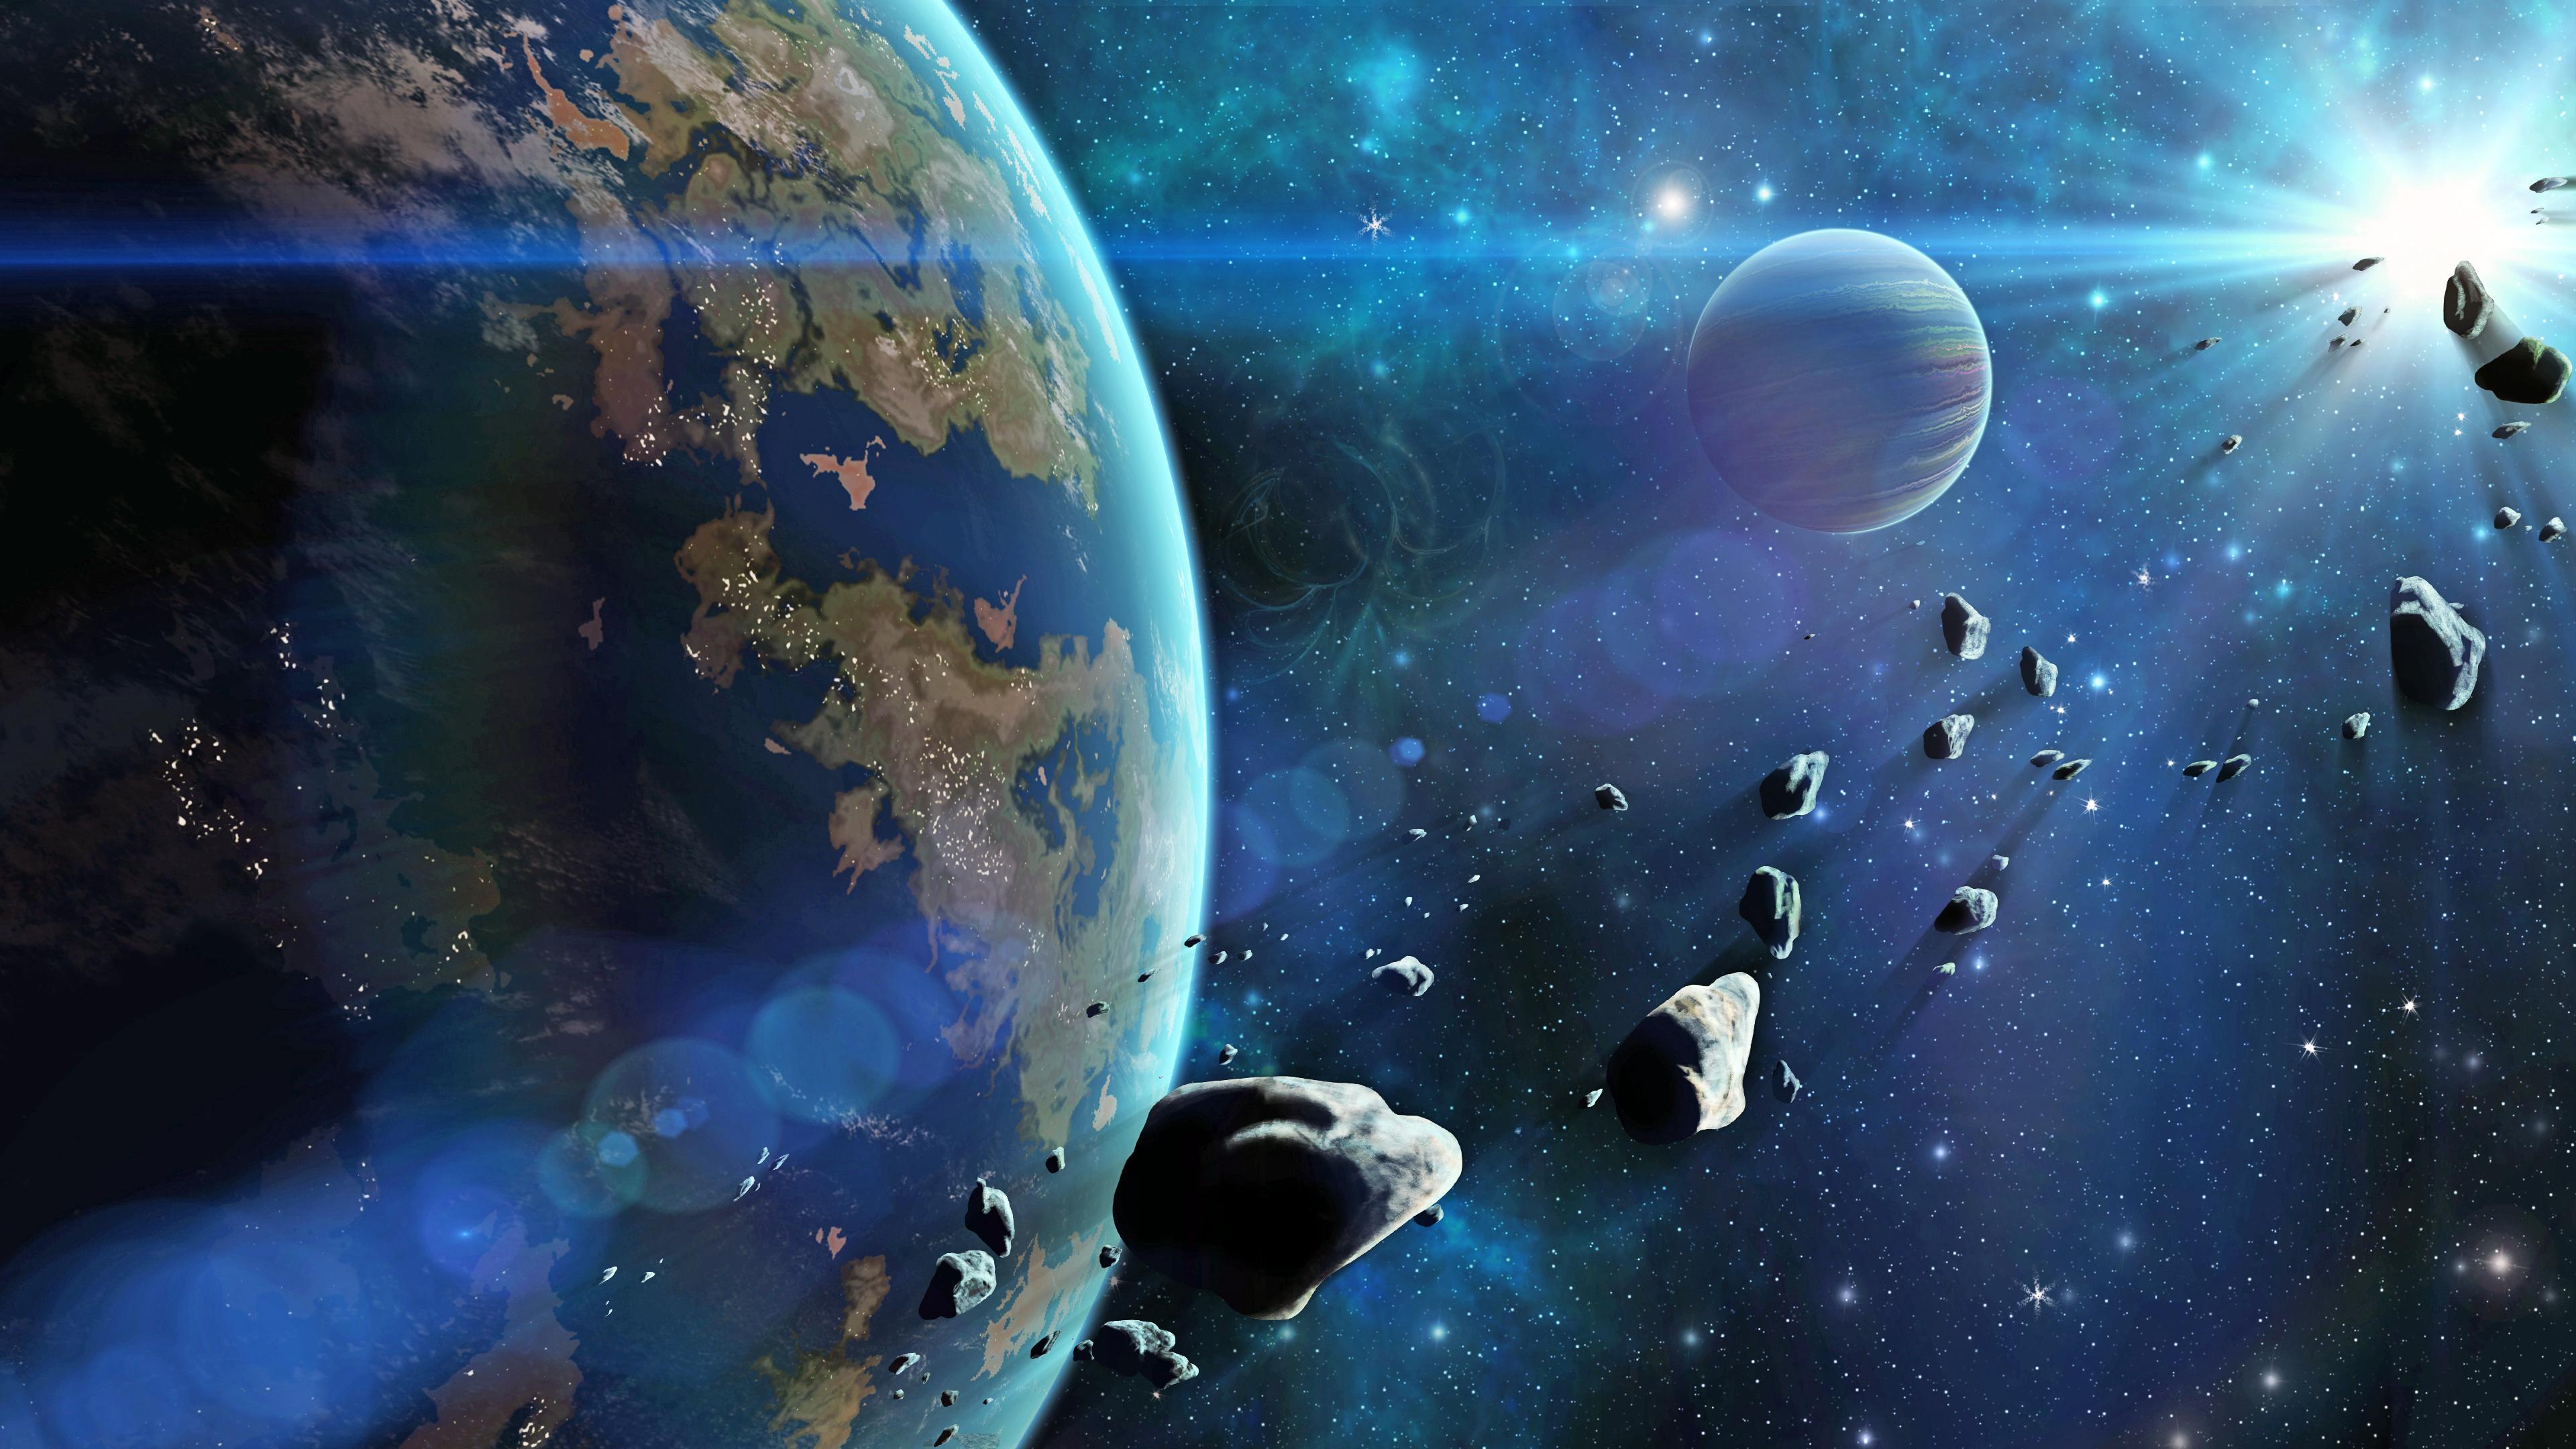 космос, планеты, астероиды